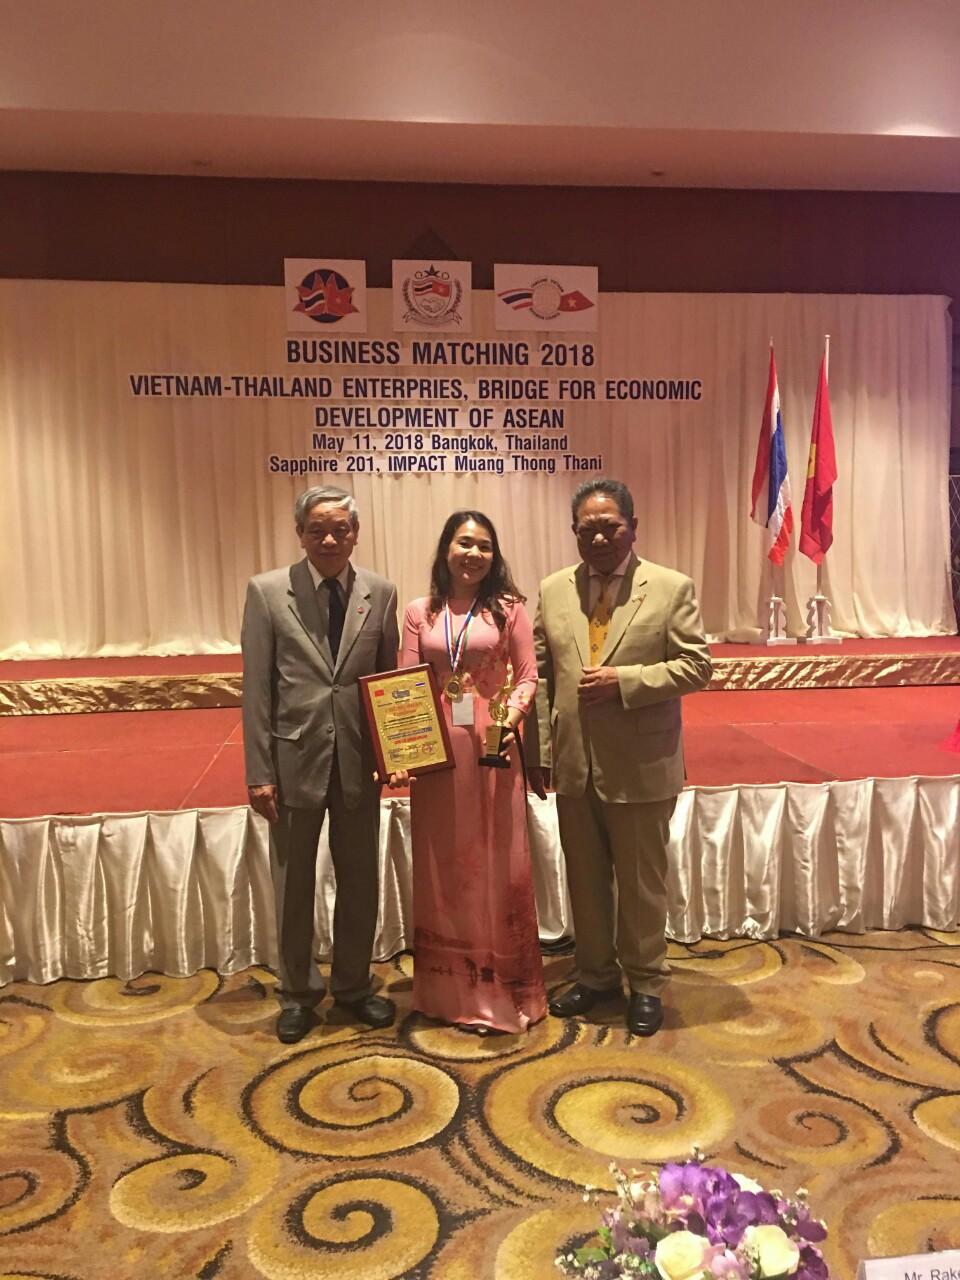 """Hội Nghị Thượng Đỉnh Kinh Tế Quốc Tế 2018: """"Cầu nối phát triển kinh tế ASEAN"""" 3"""